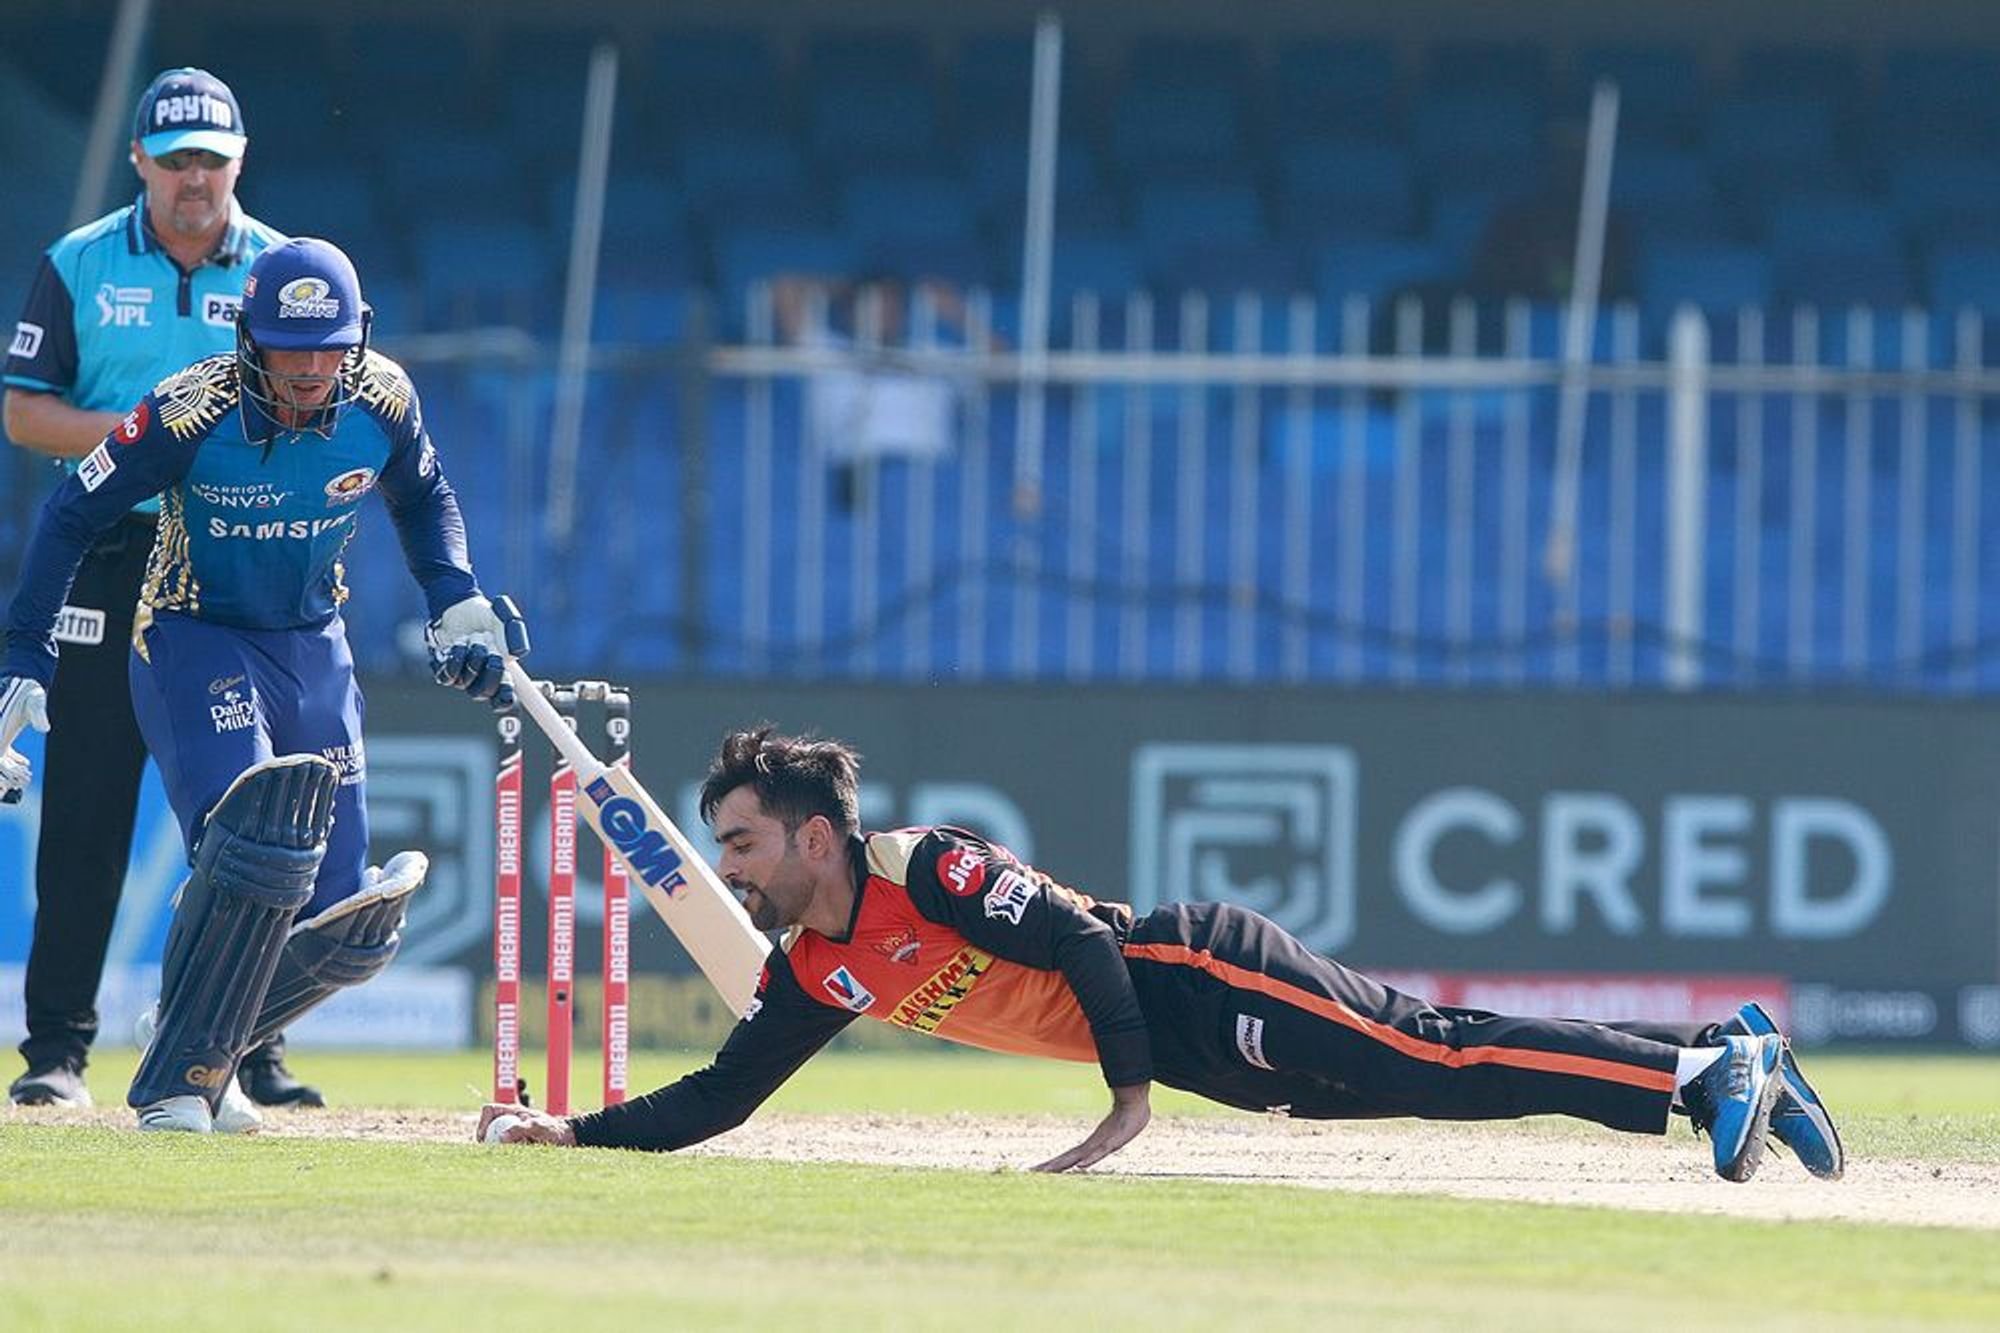 मुंबई के खिलाफ राशिद खान ने किफायती गेंदबाजी की। उन्होंने 4 ओवर में सिर्फ 22 रन दिए।